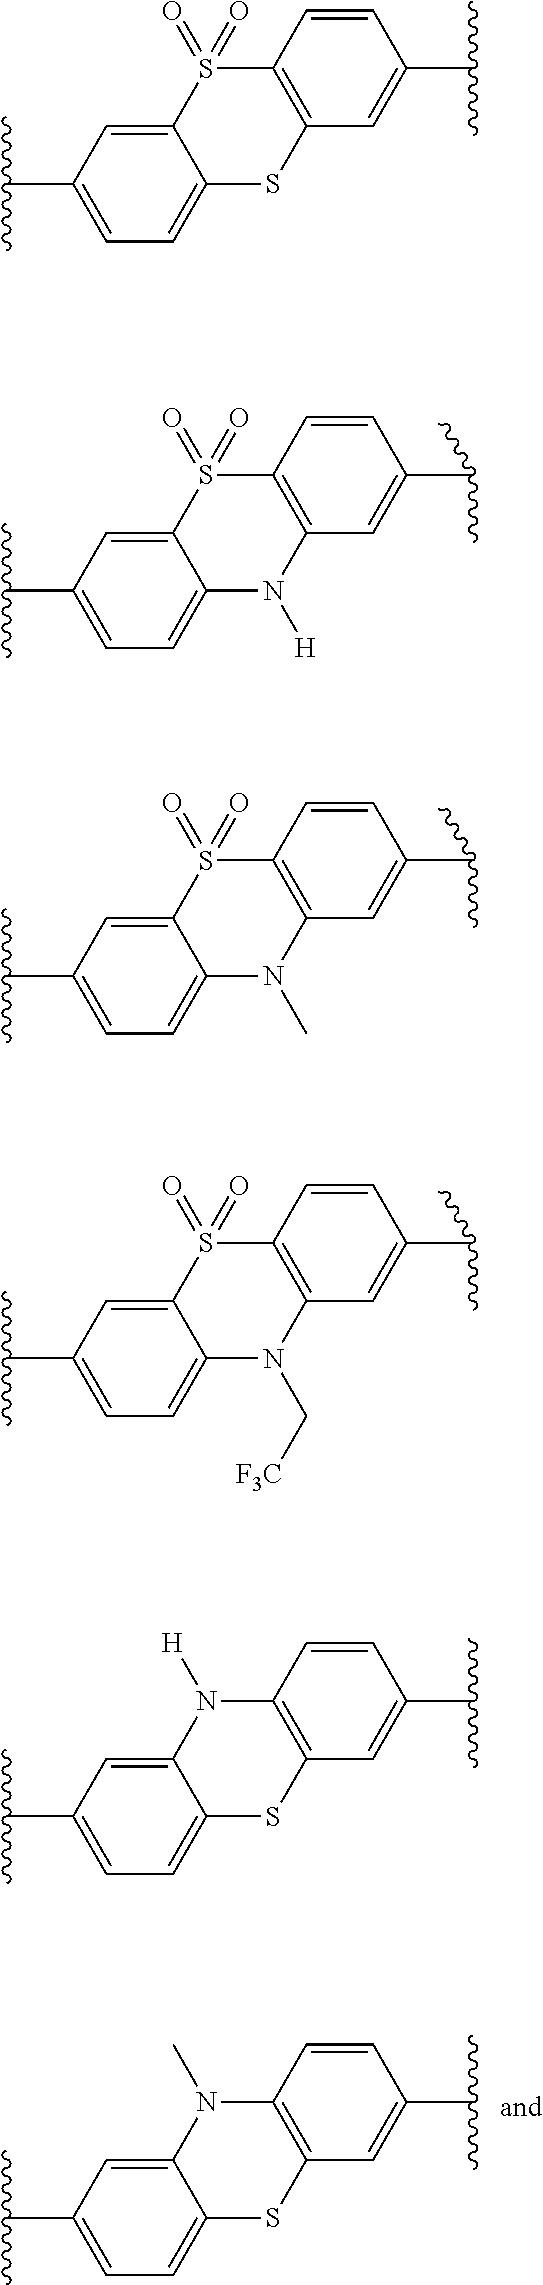 Figure US09511056-20161206-C00113